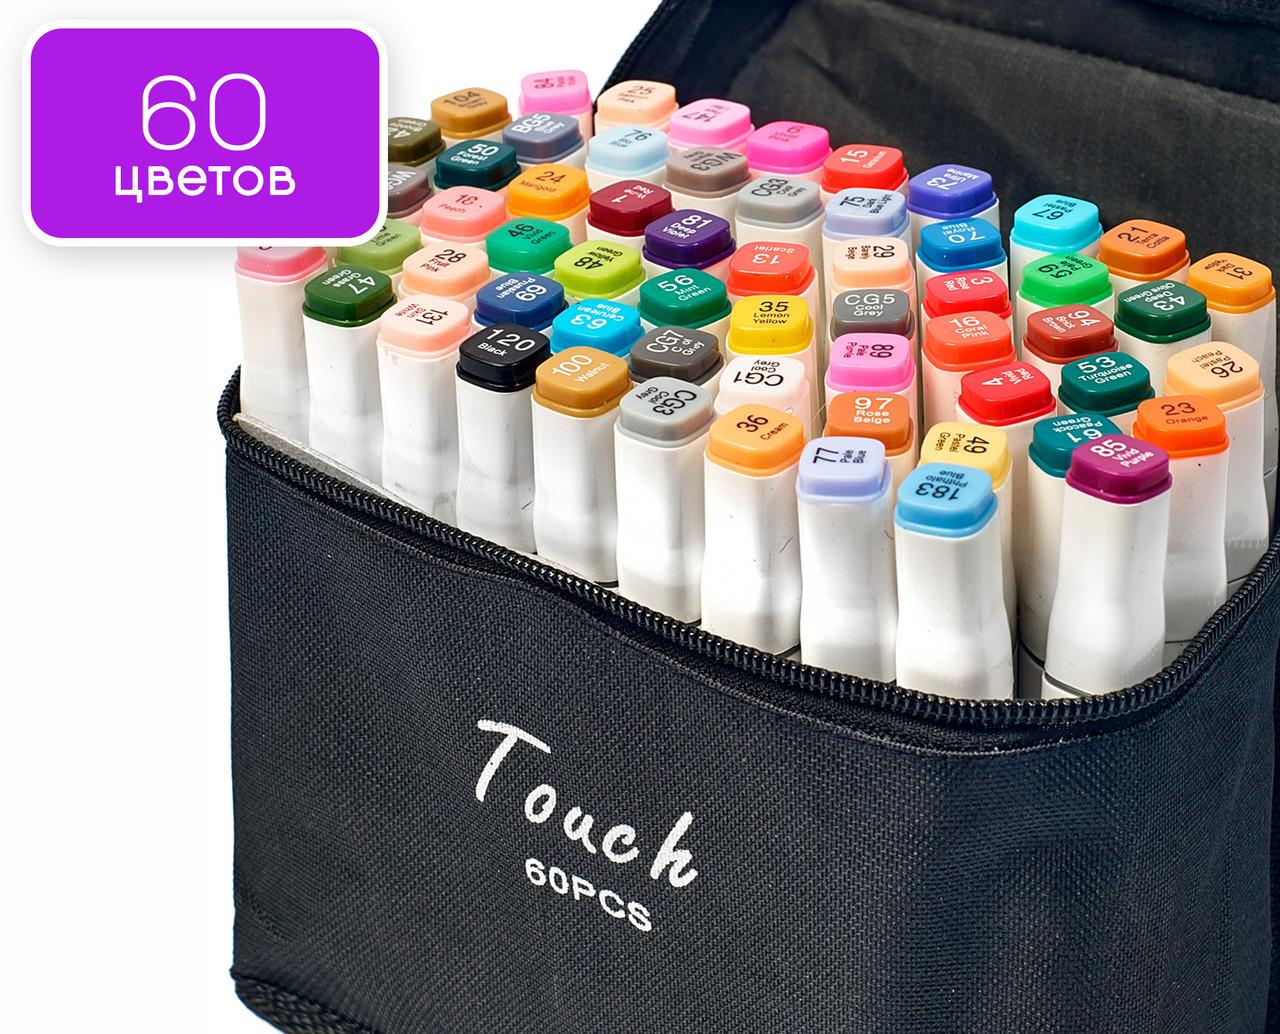 Набор двусторонних маркеров Touch Sketch 60 шт на спиртовой основе для рисования, Фломастеры для художников